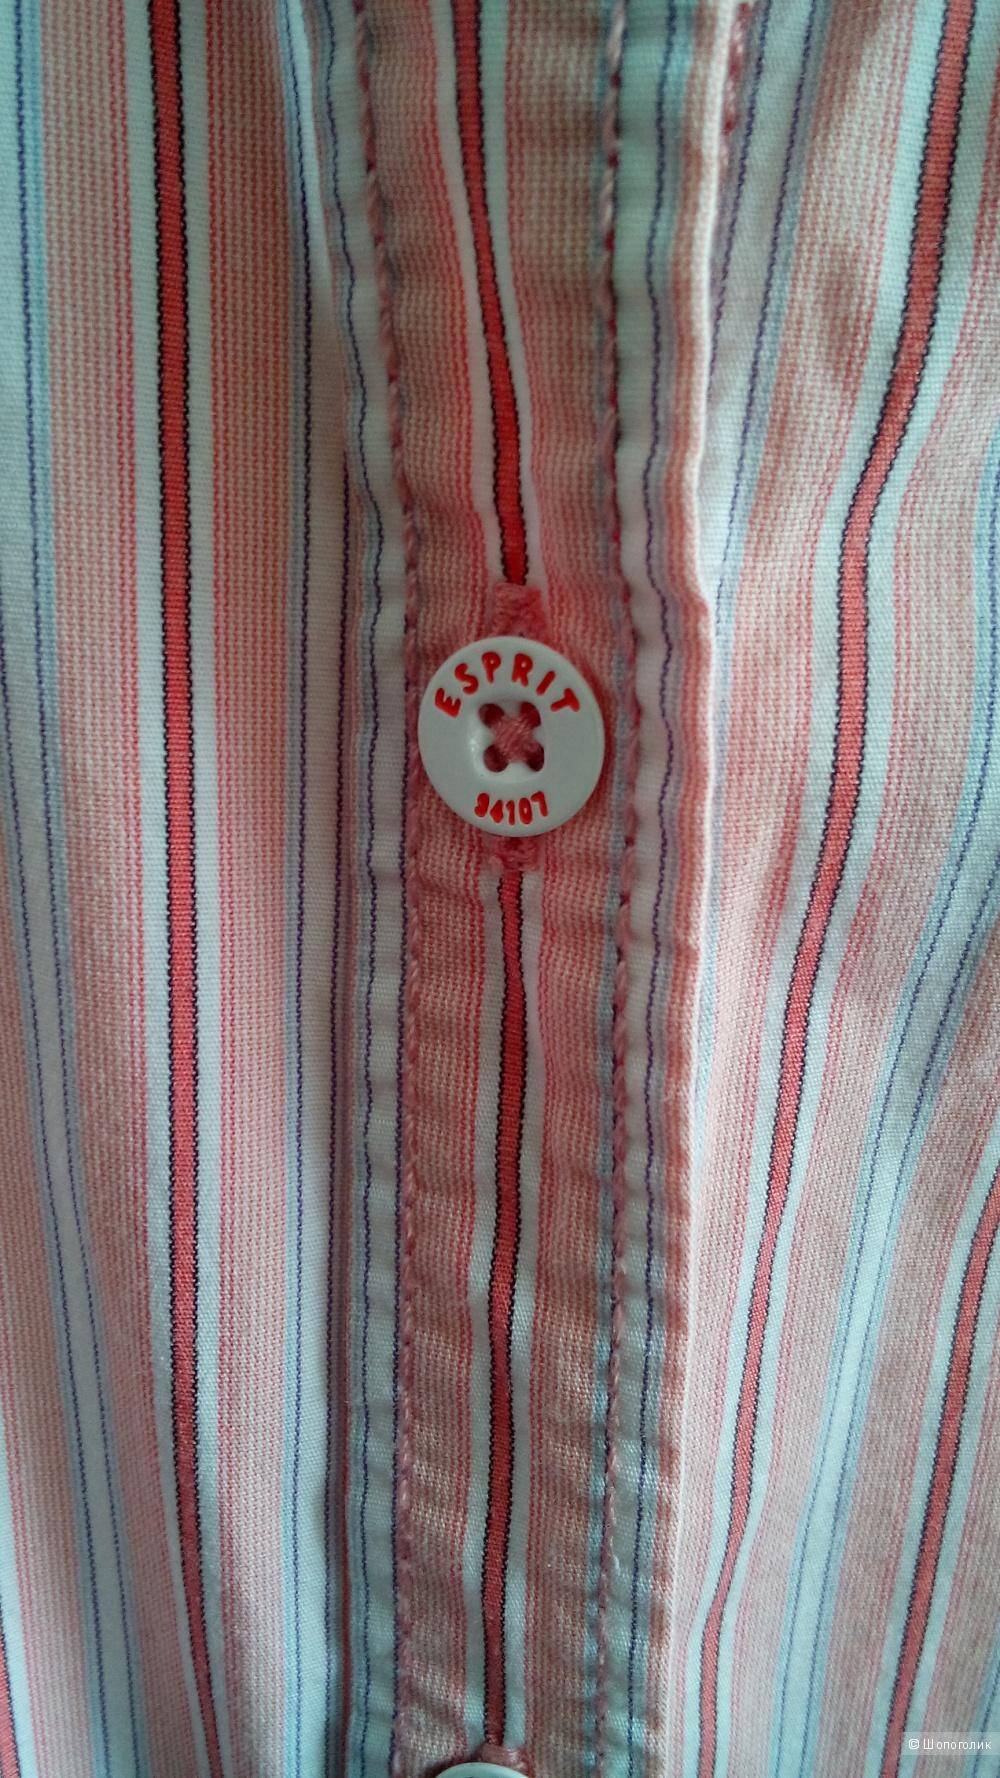 Рубашка женская ESPRIT Германия размер 38D  US 8(44-46)